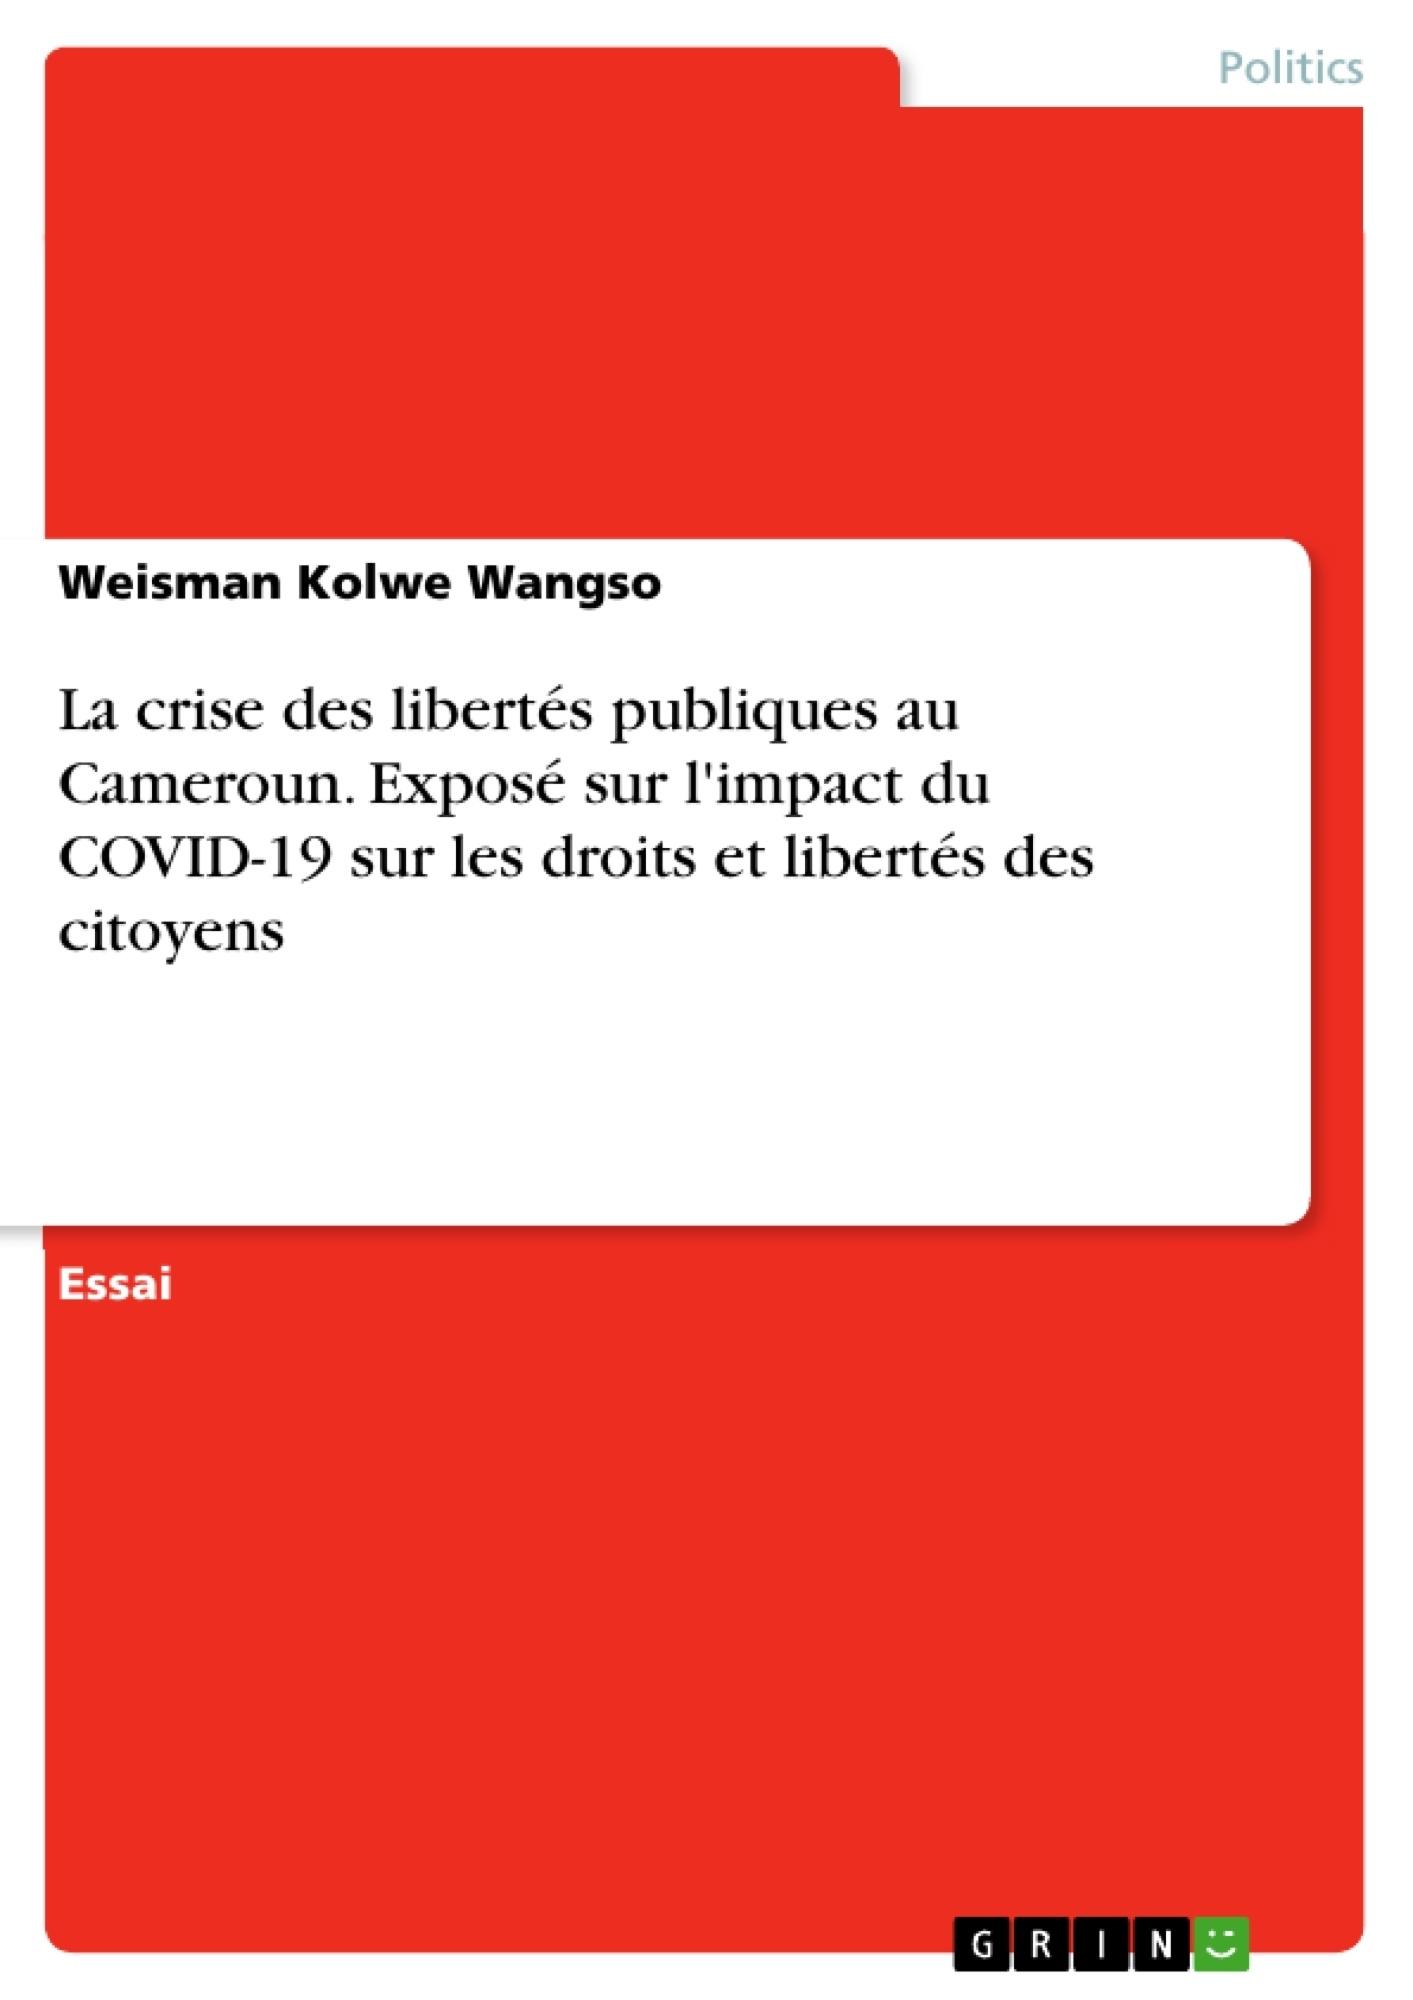 Titre: La crise des libertés publiques au Cameroun. Exposé sur l'impact du COVID-19 sur les droits et libertés des citoyens